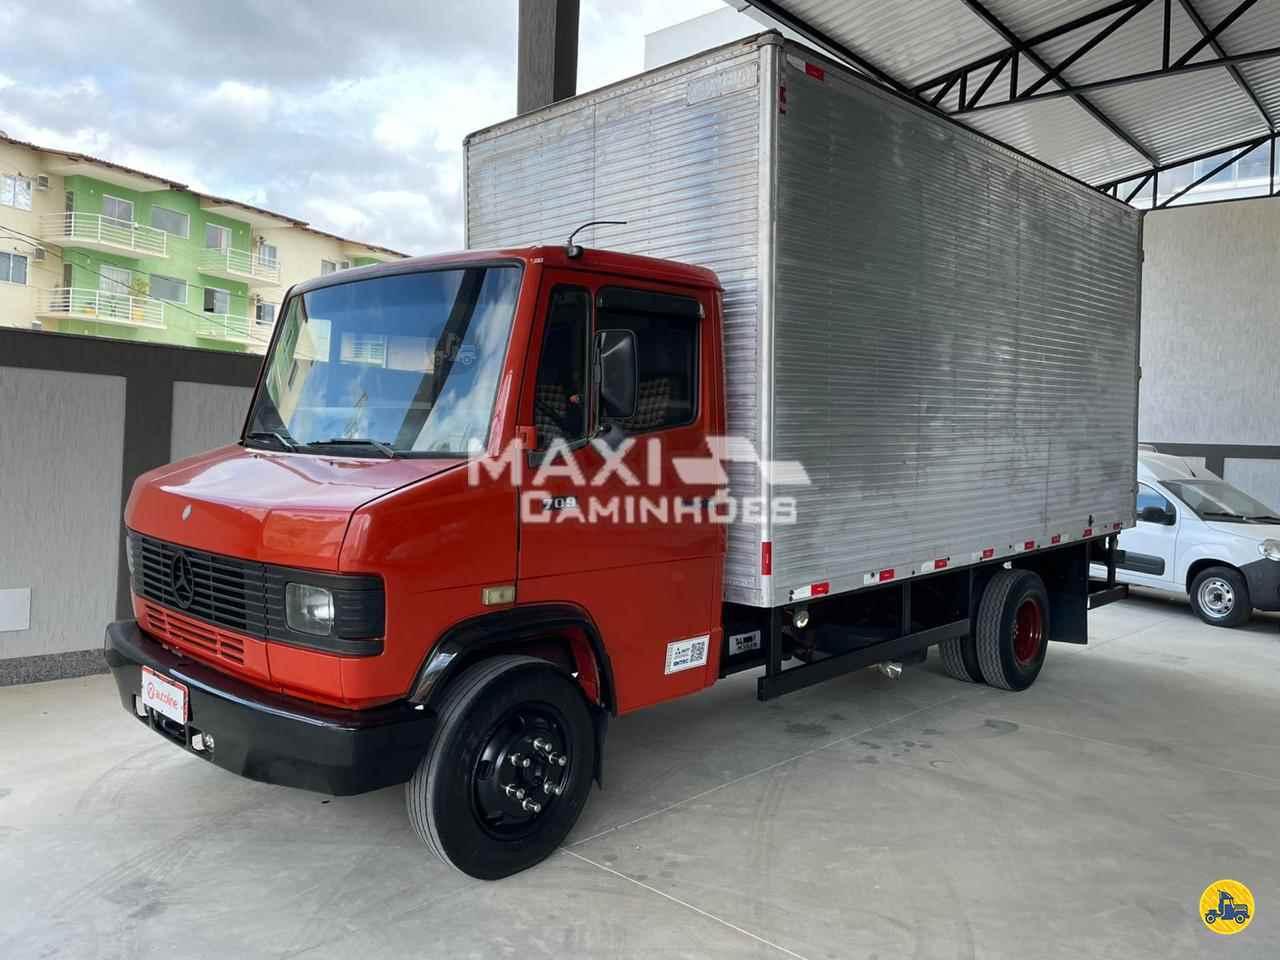 MB 709 de Maxi Caminhões - TERESOPOLIS/RJ